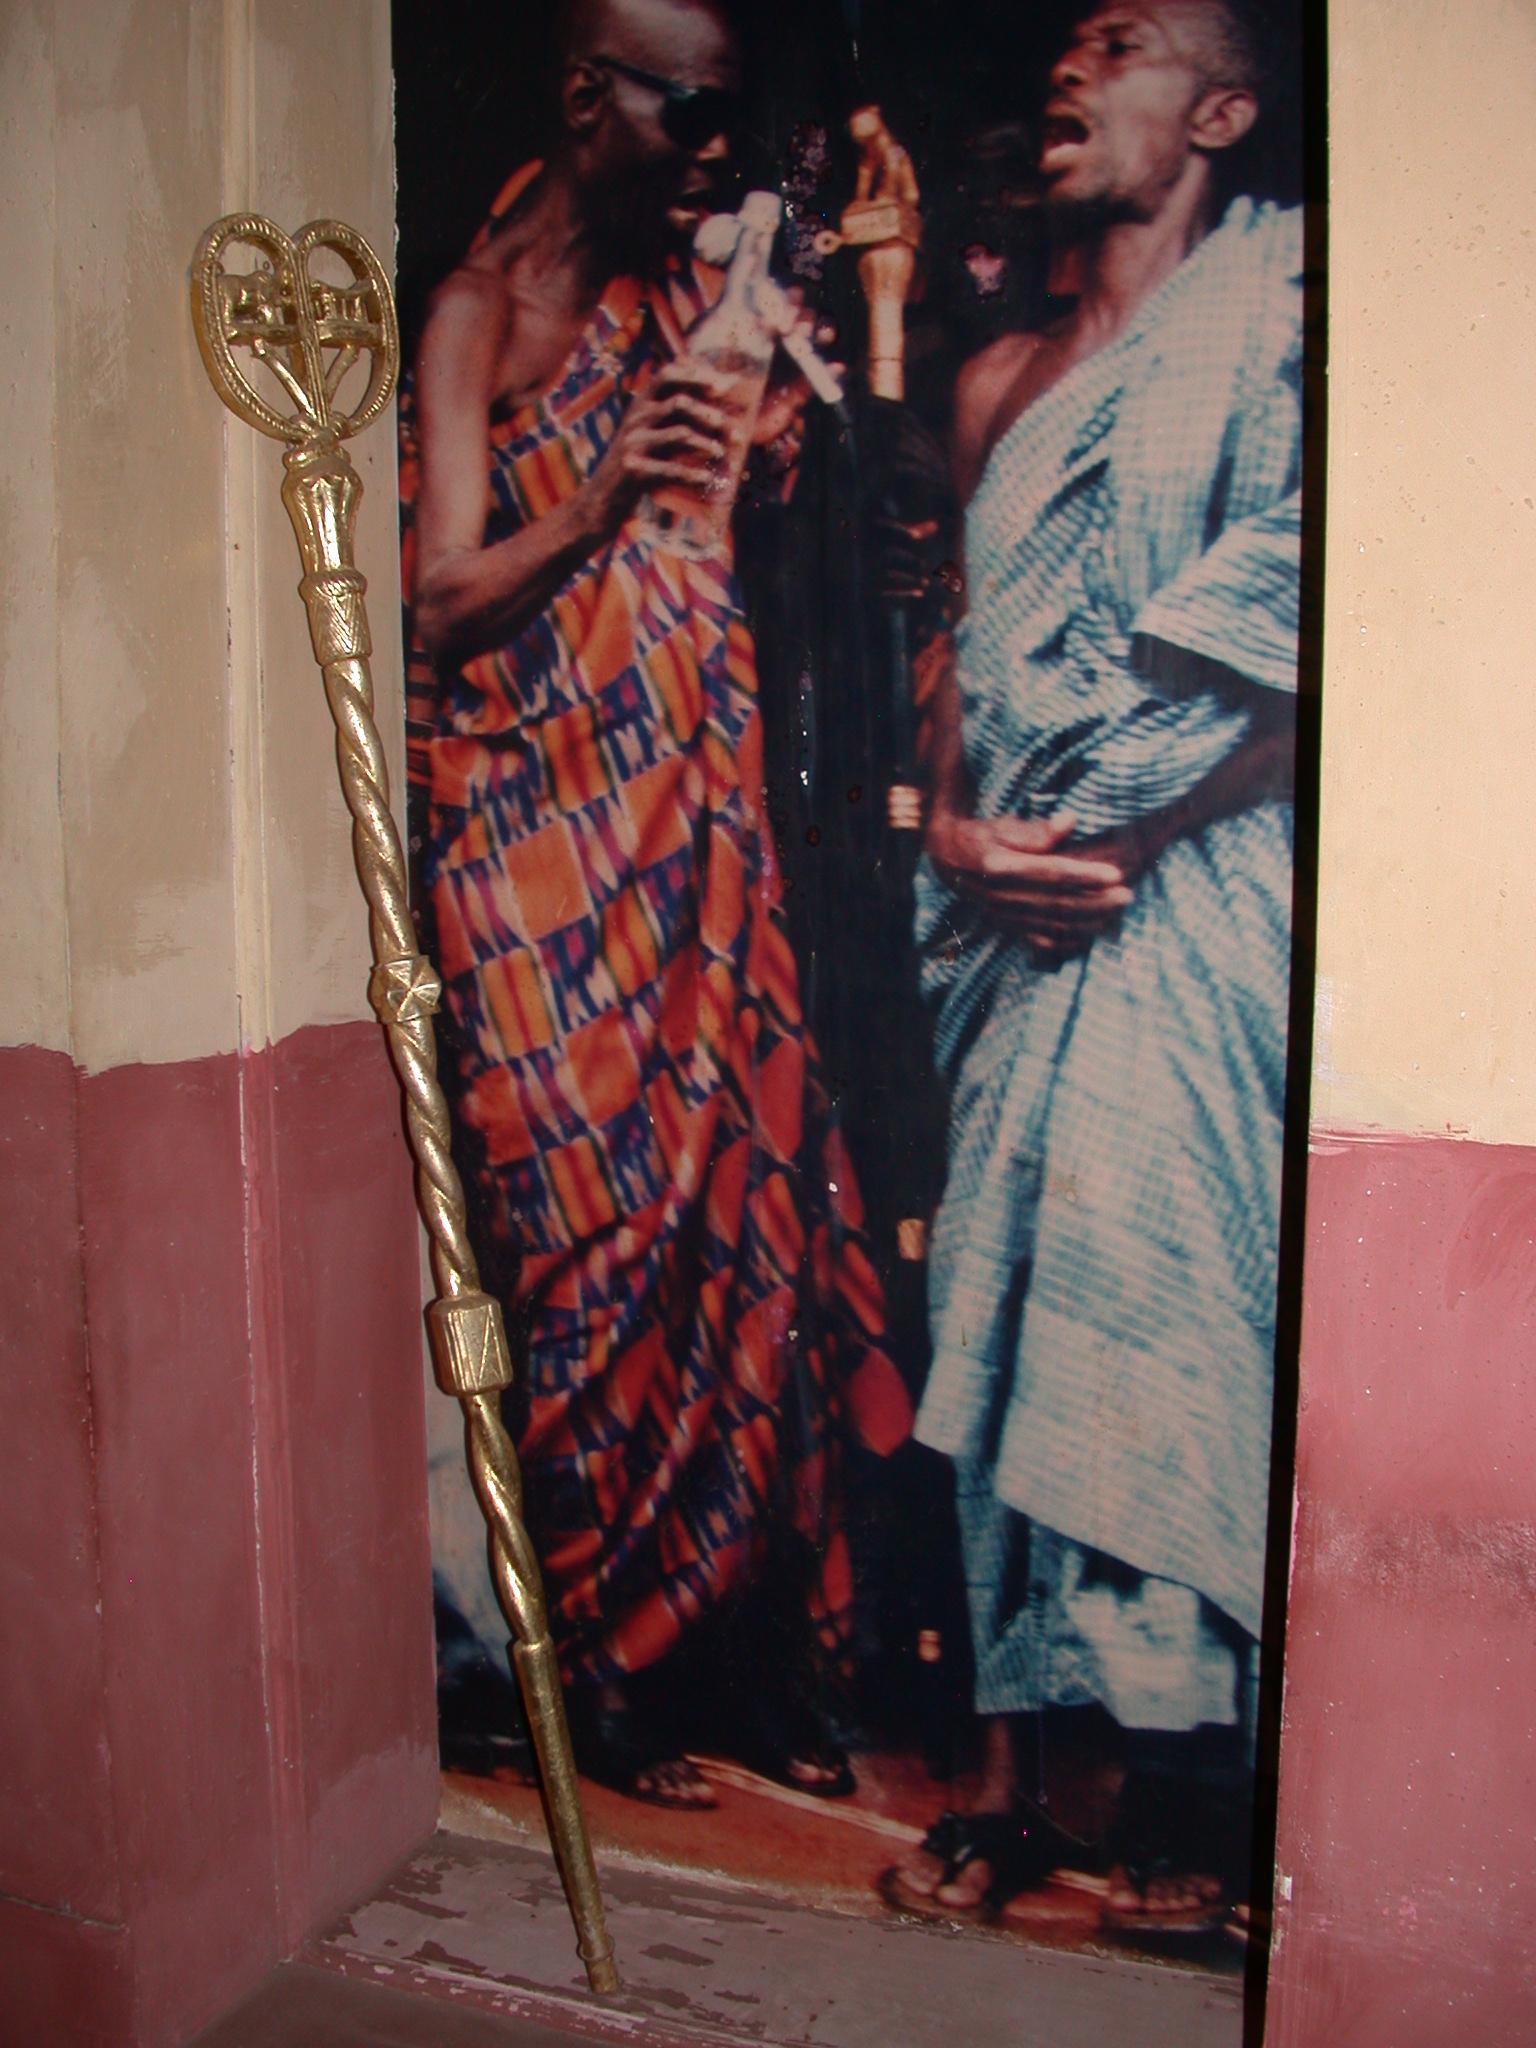 Akan Linguists Okyeame Staff, Cape Coast Slave Fort Museum, Cape Coast, Ghana